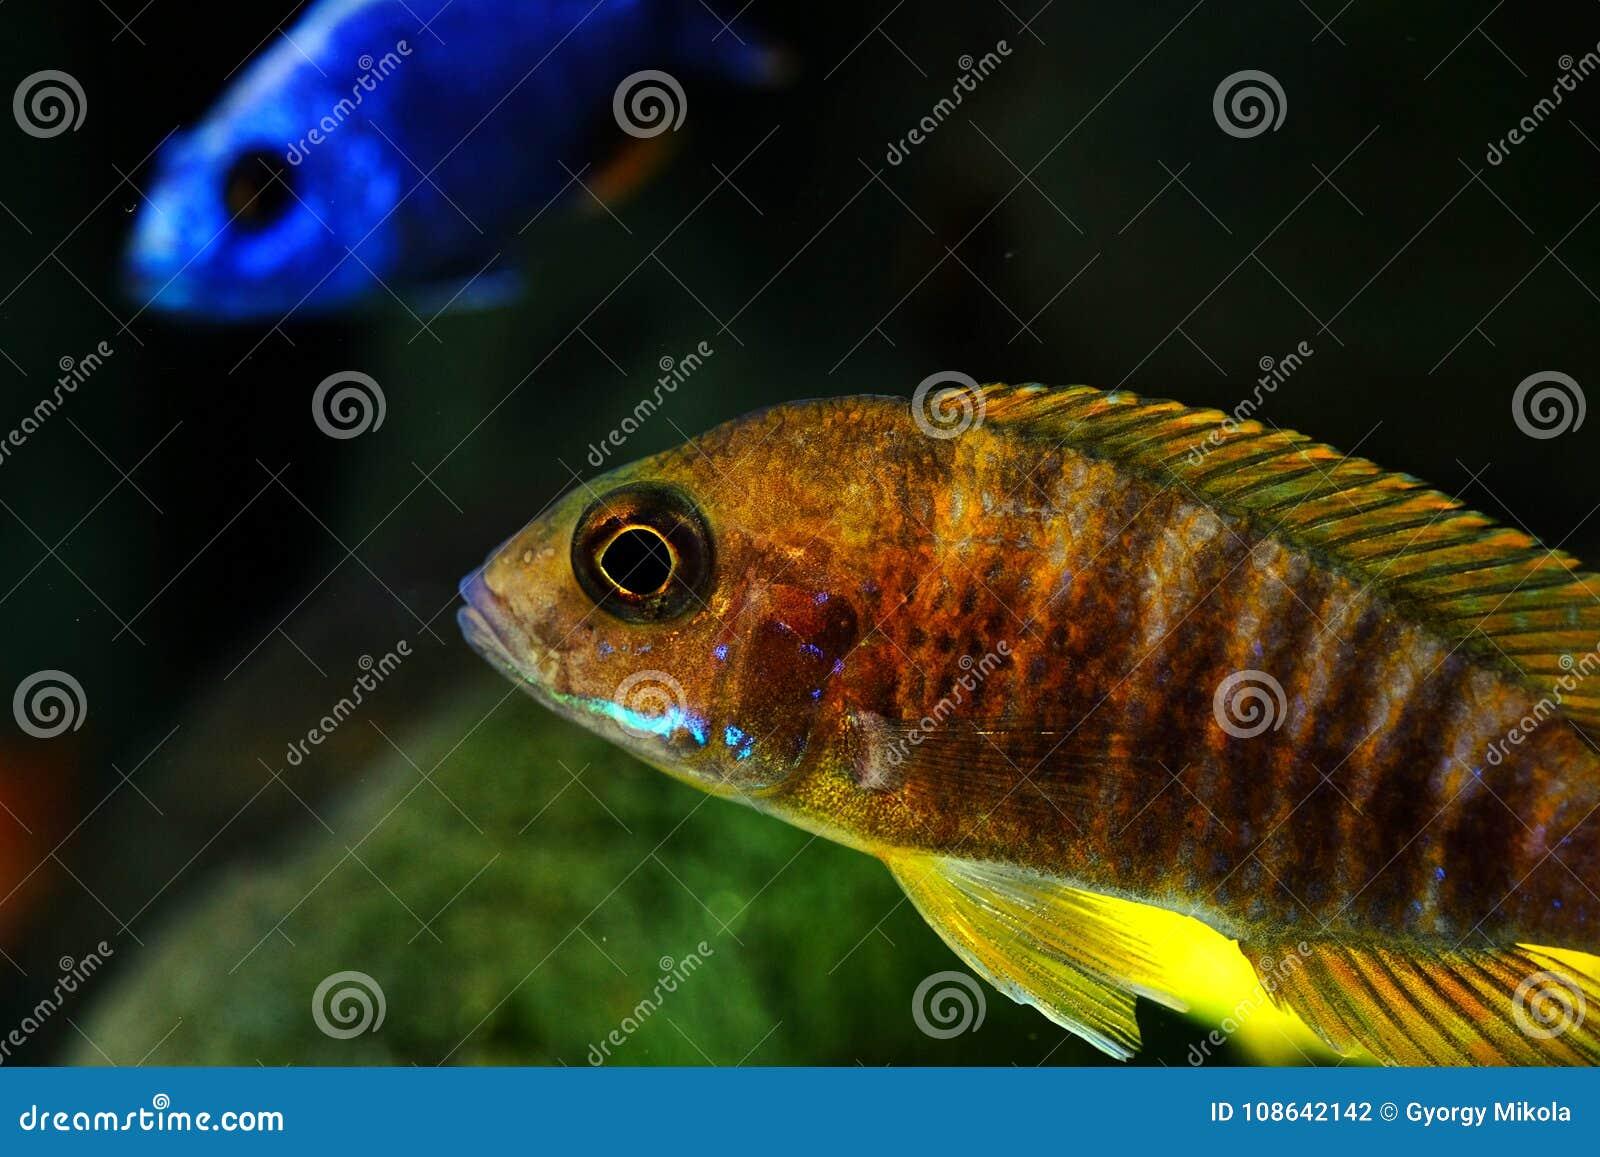 African Malawi Cichlid Aquarium Fish Freshwater Stock Photo Image